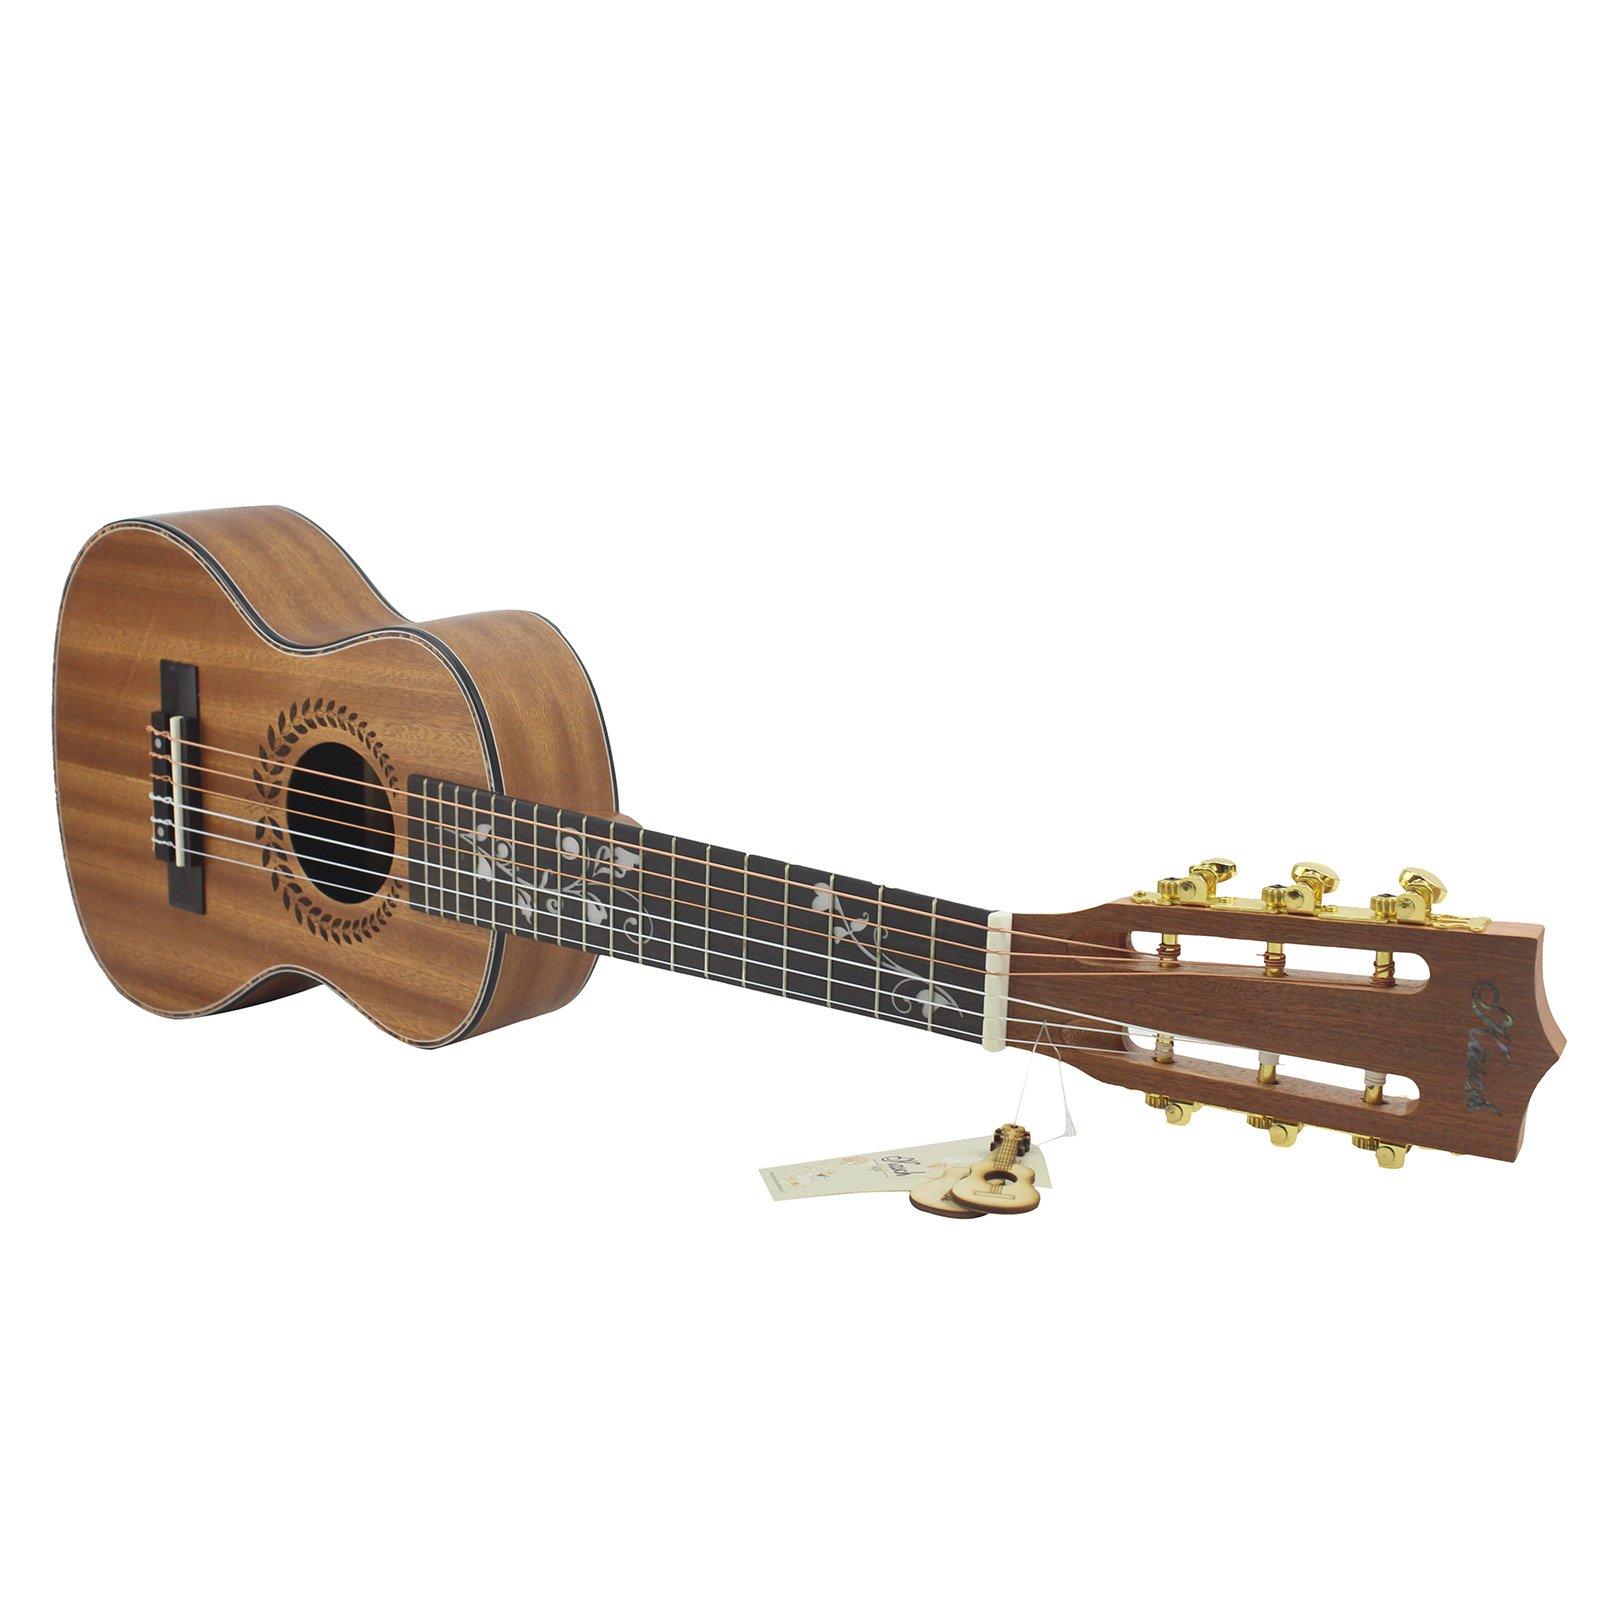 Hjuns 28 Guitalele Guitarlele Guilele Solid Cedar Rosewood ...